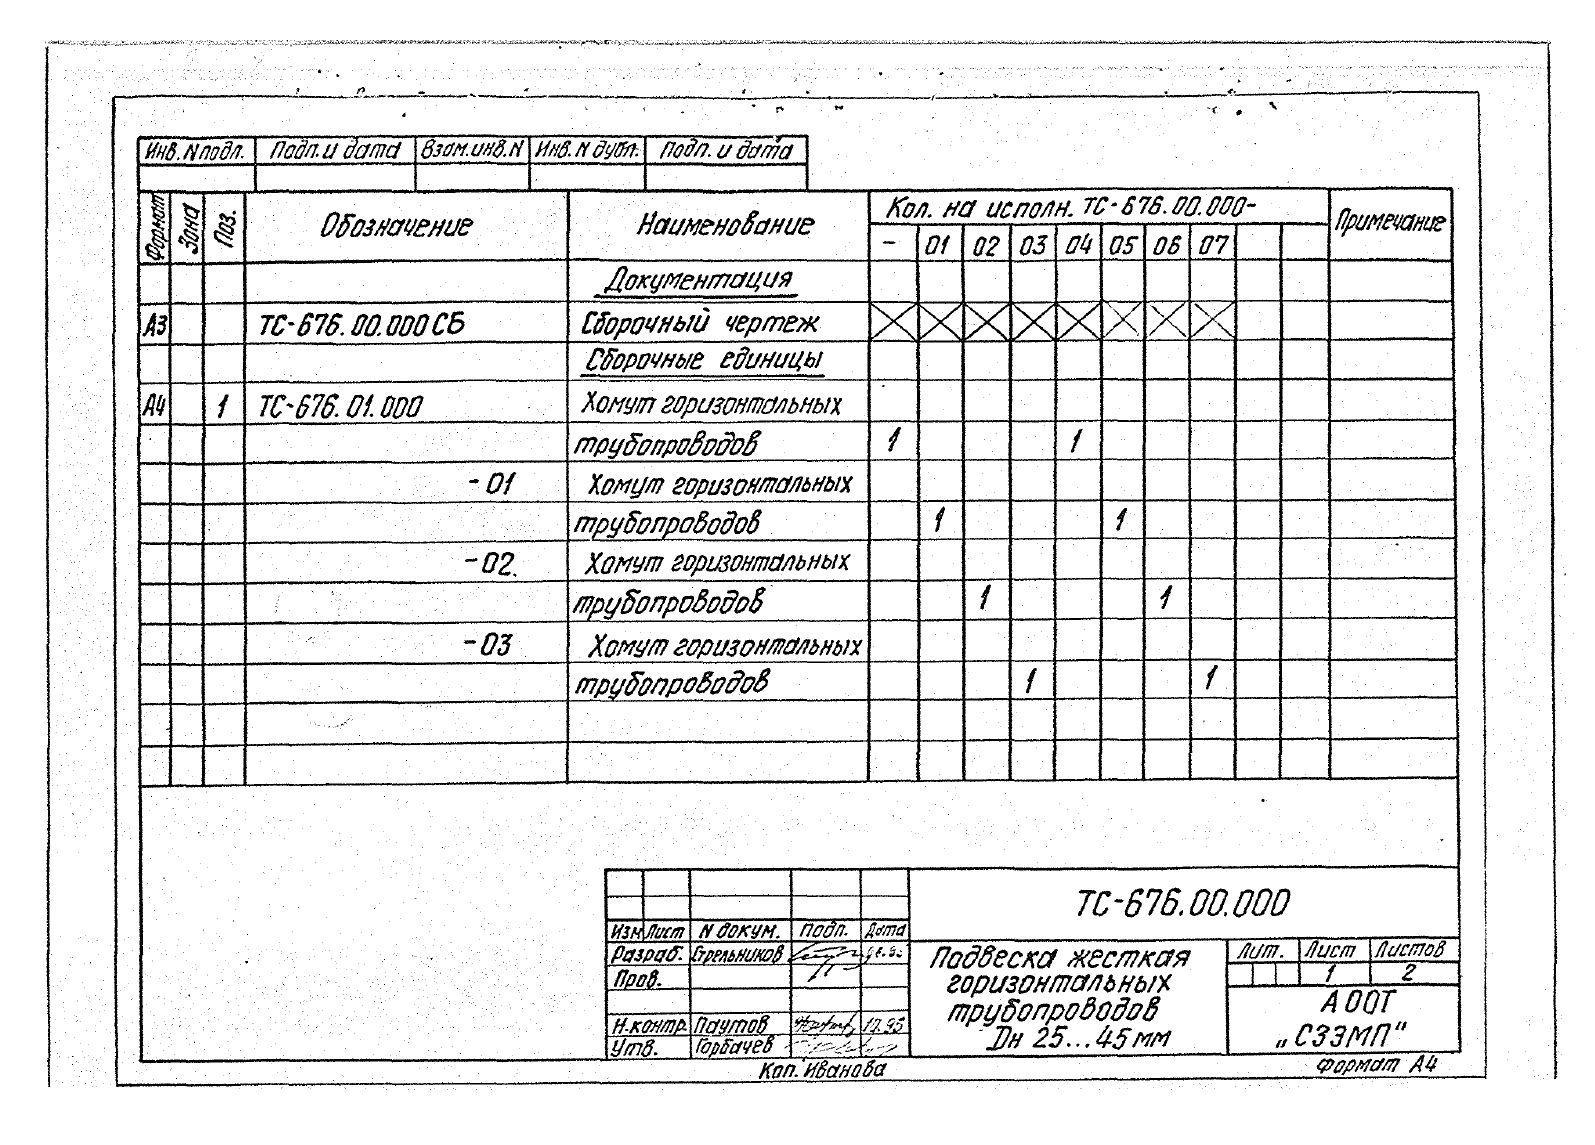 Подвески жесткие Дн 25-45 ТС-676 с.5.903-13 вып.6-95 стр.3